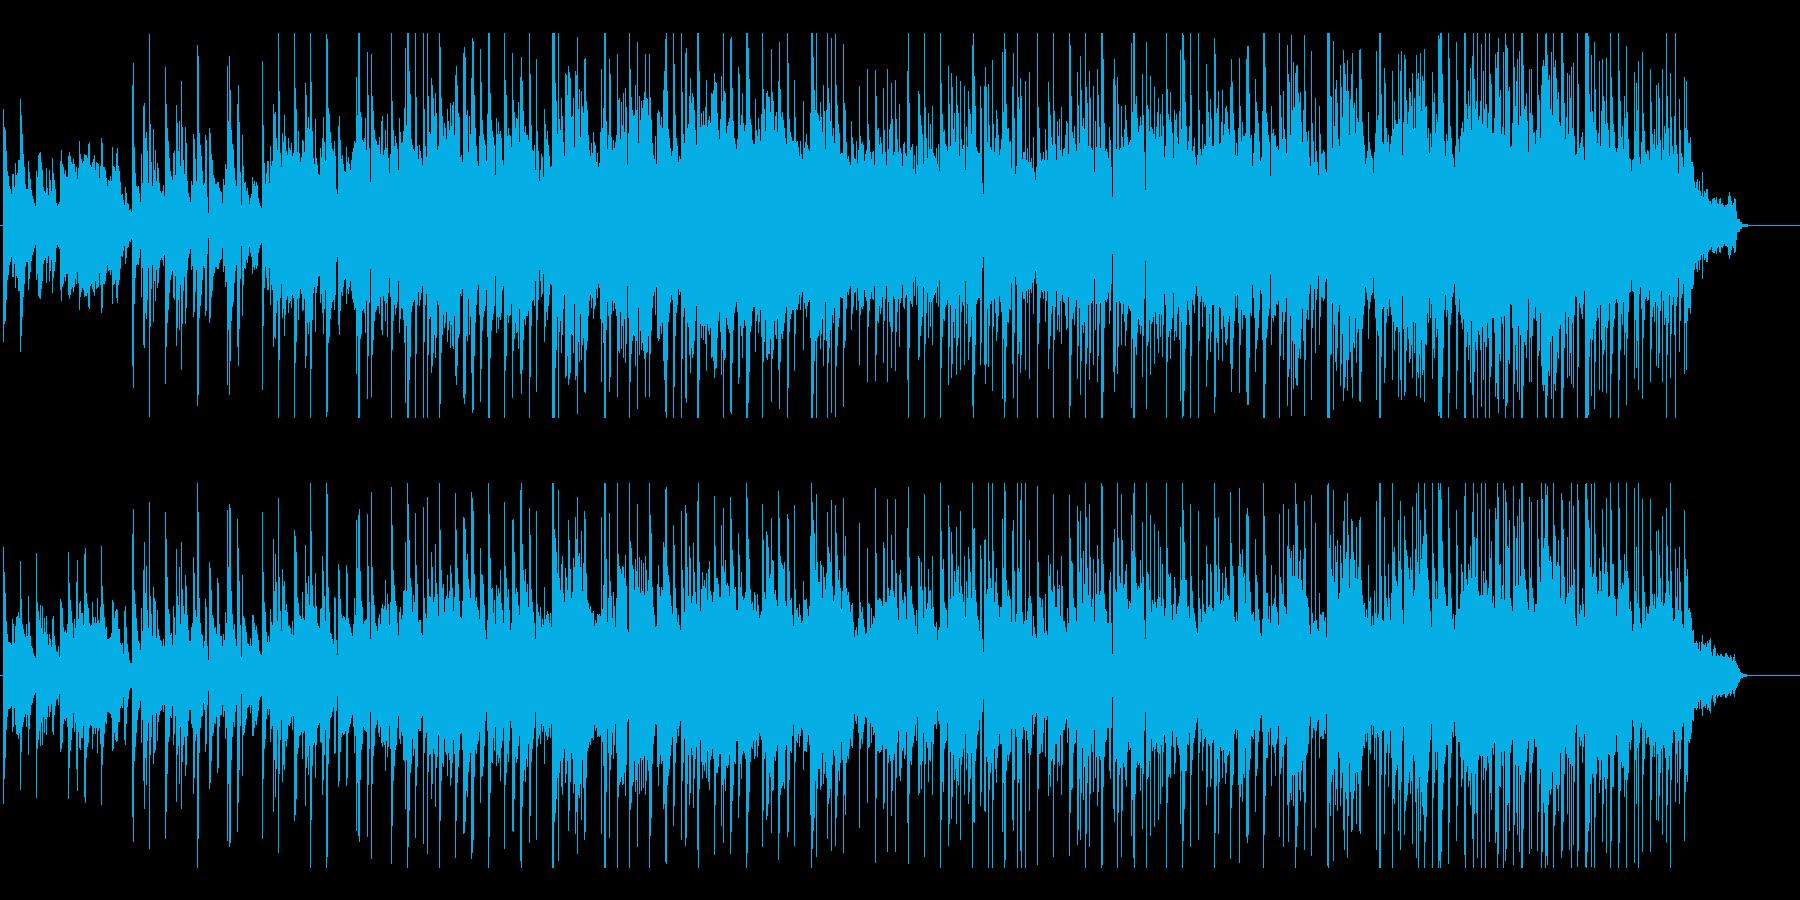 ノスタルジーに浸るアコギバラードの再生済みの波形